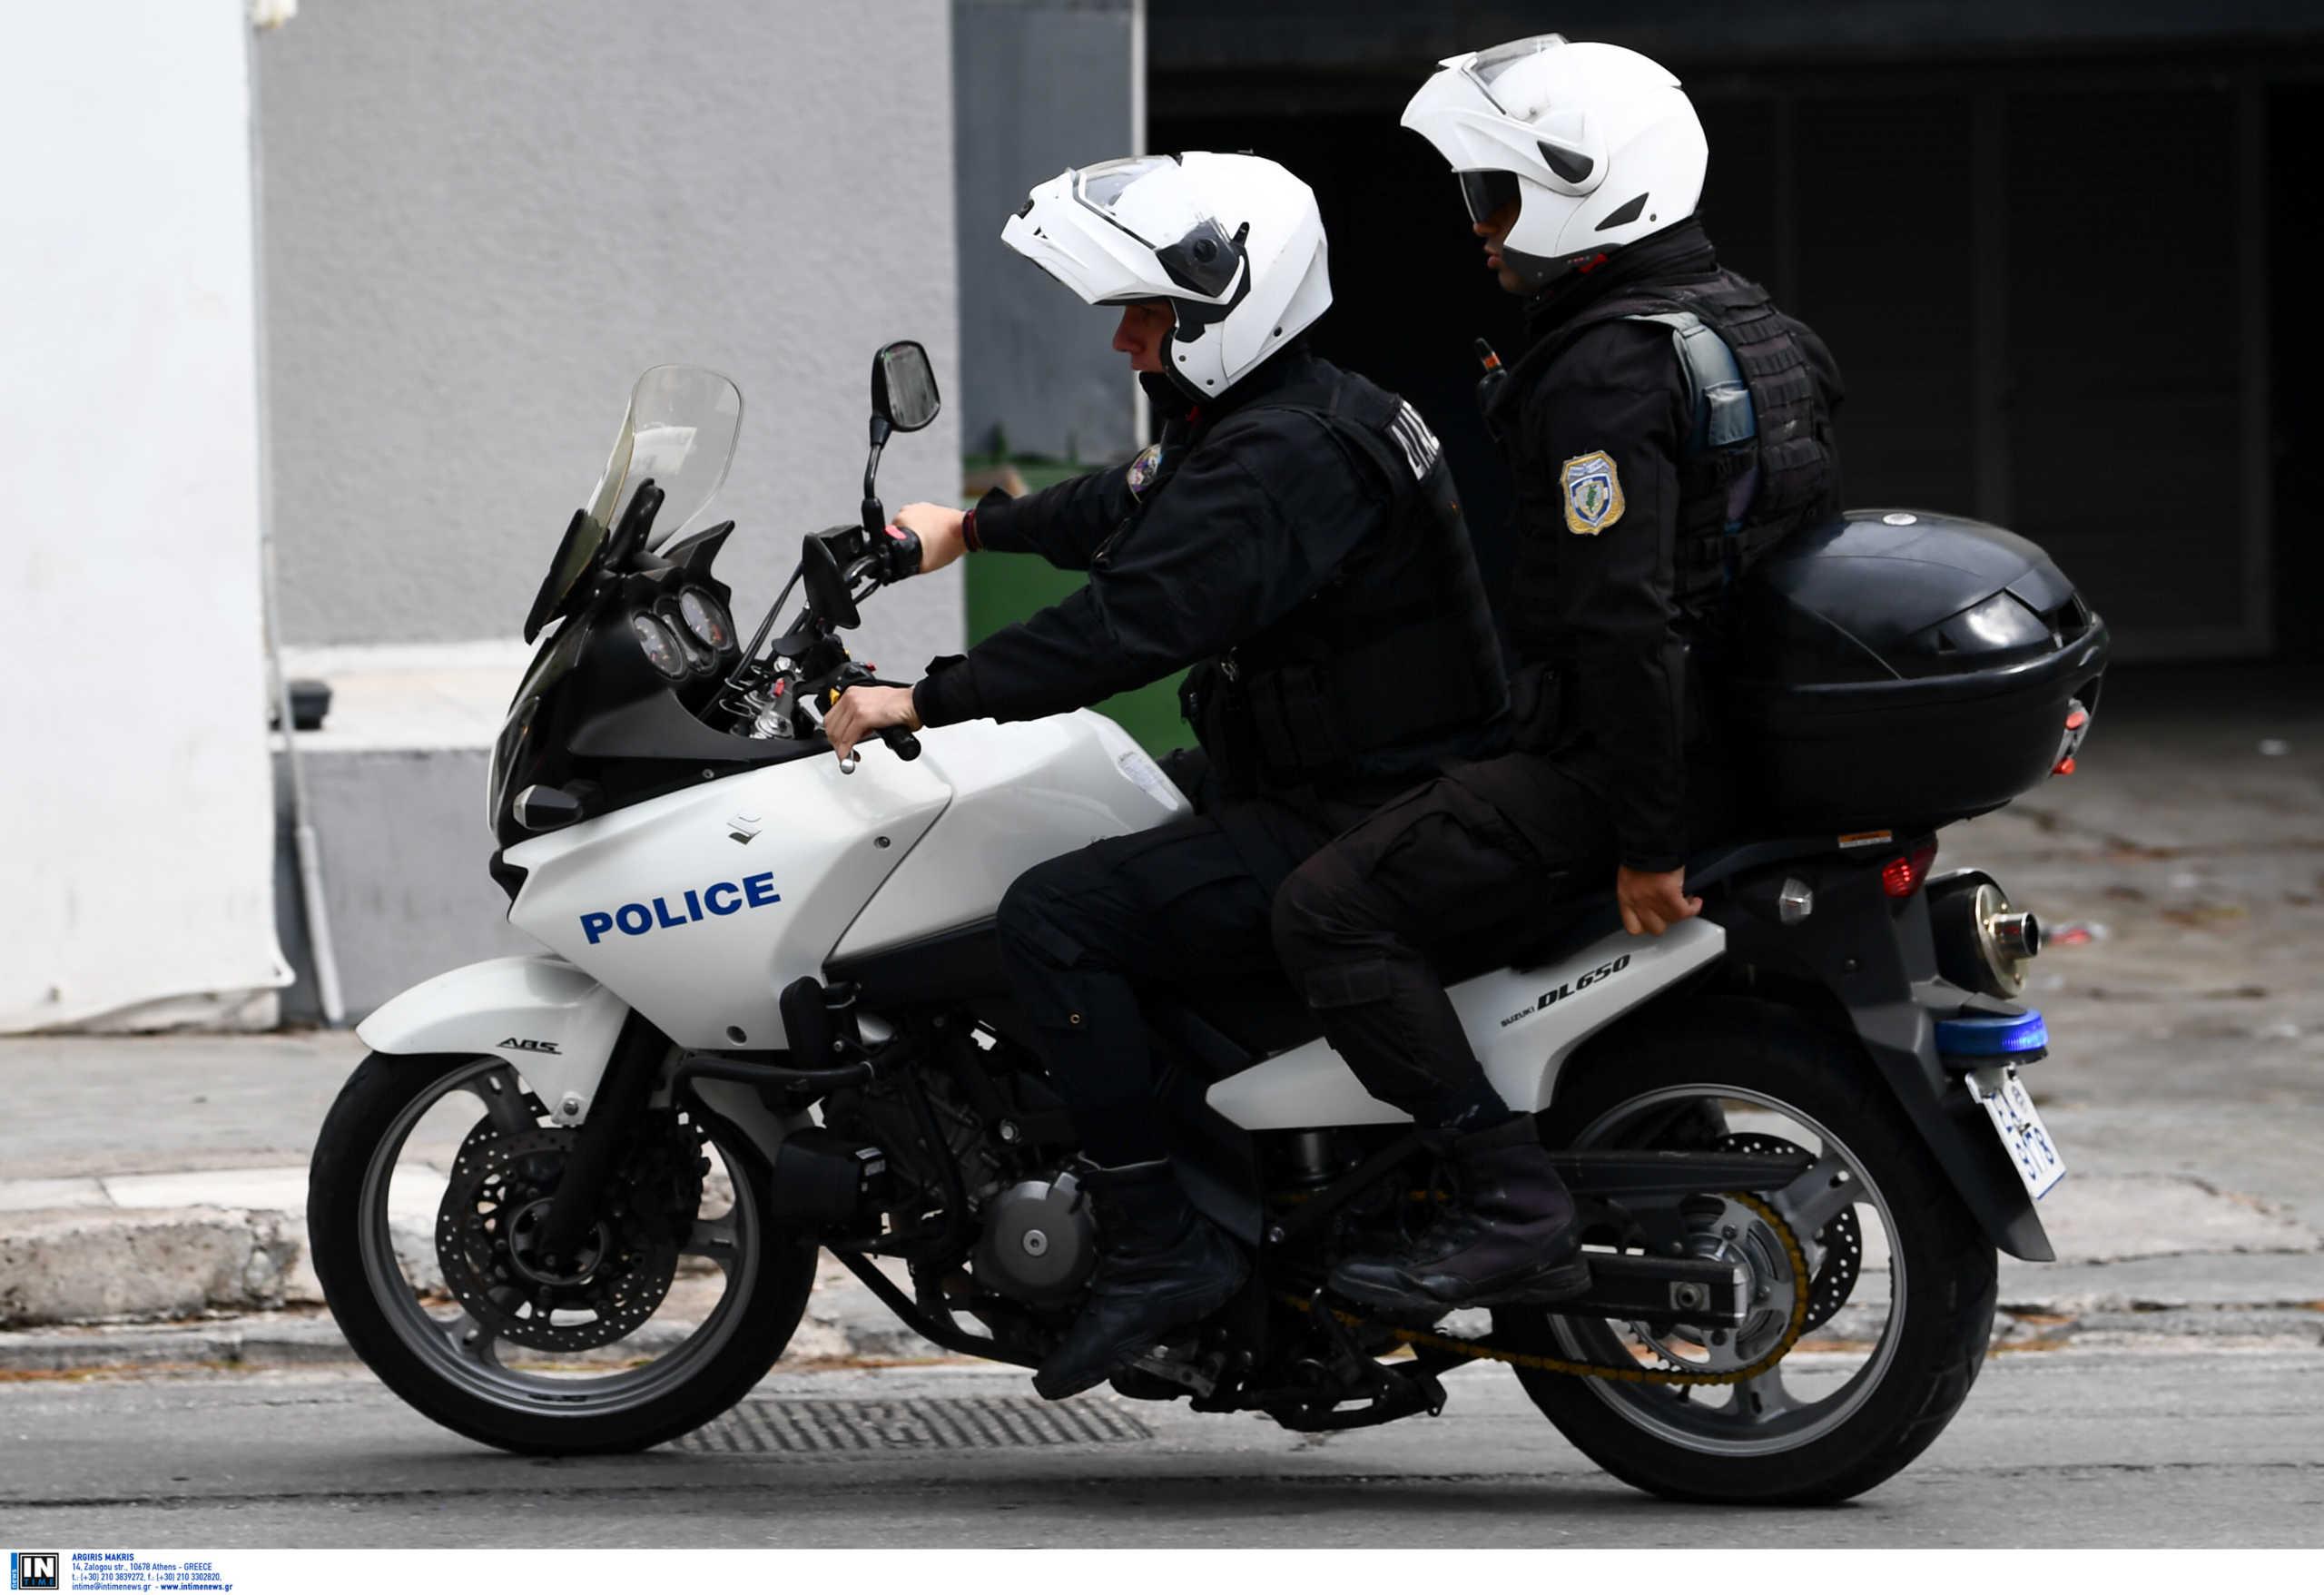 Θρήνος στην ΕΛΑΣ: Πέθανε και ο δεύτερος αστυνομικός του τροχαίου στον Άγιο Κοσμά